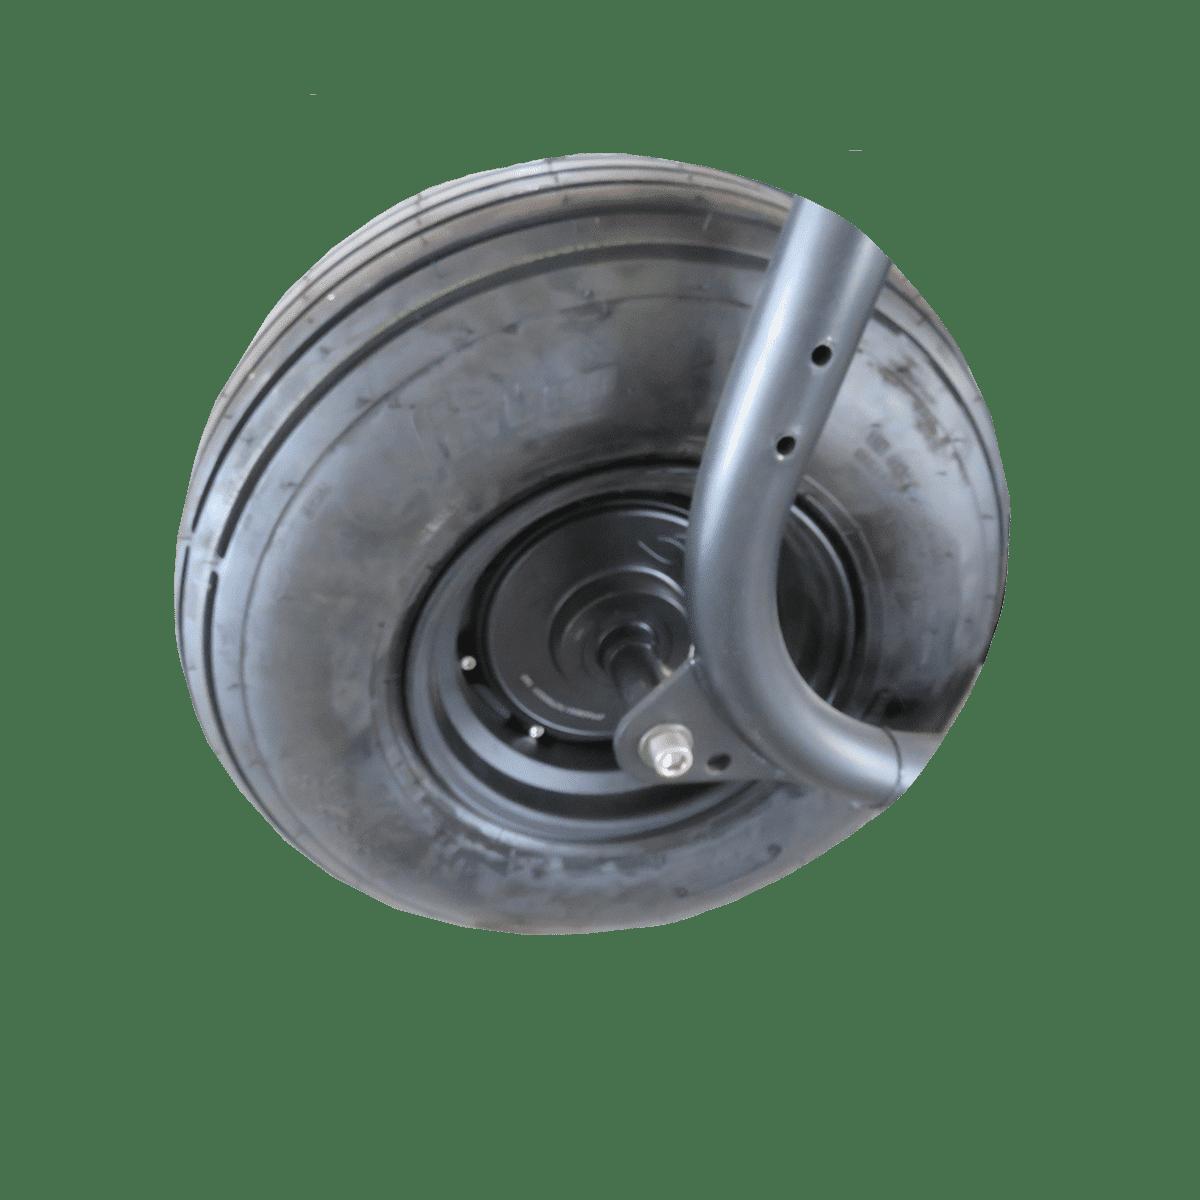 Paire de pneus avant arrière Citycoco Classique